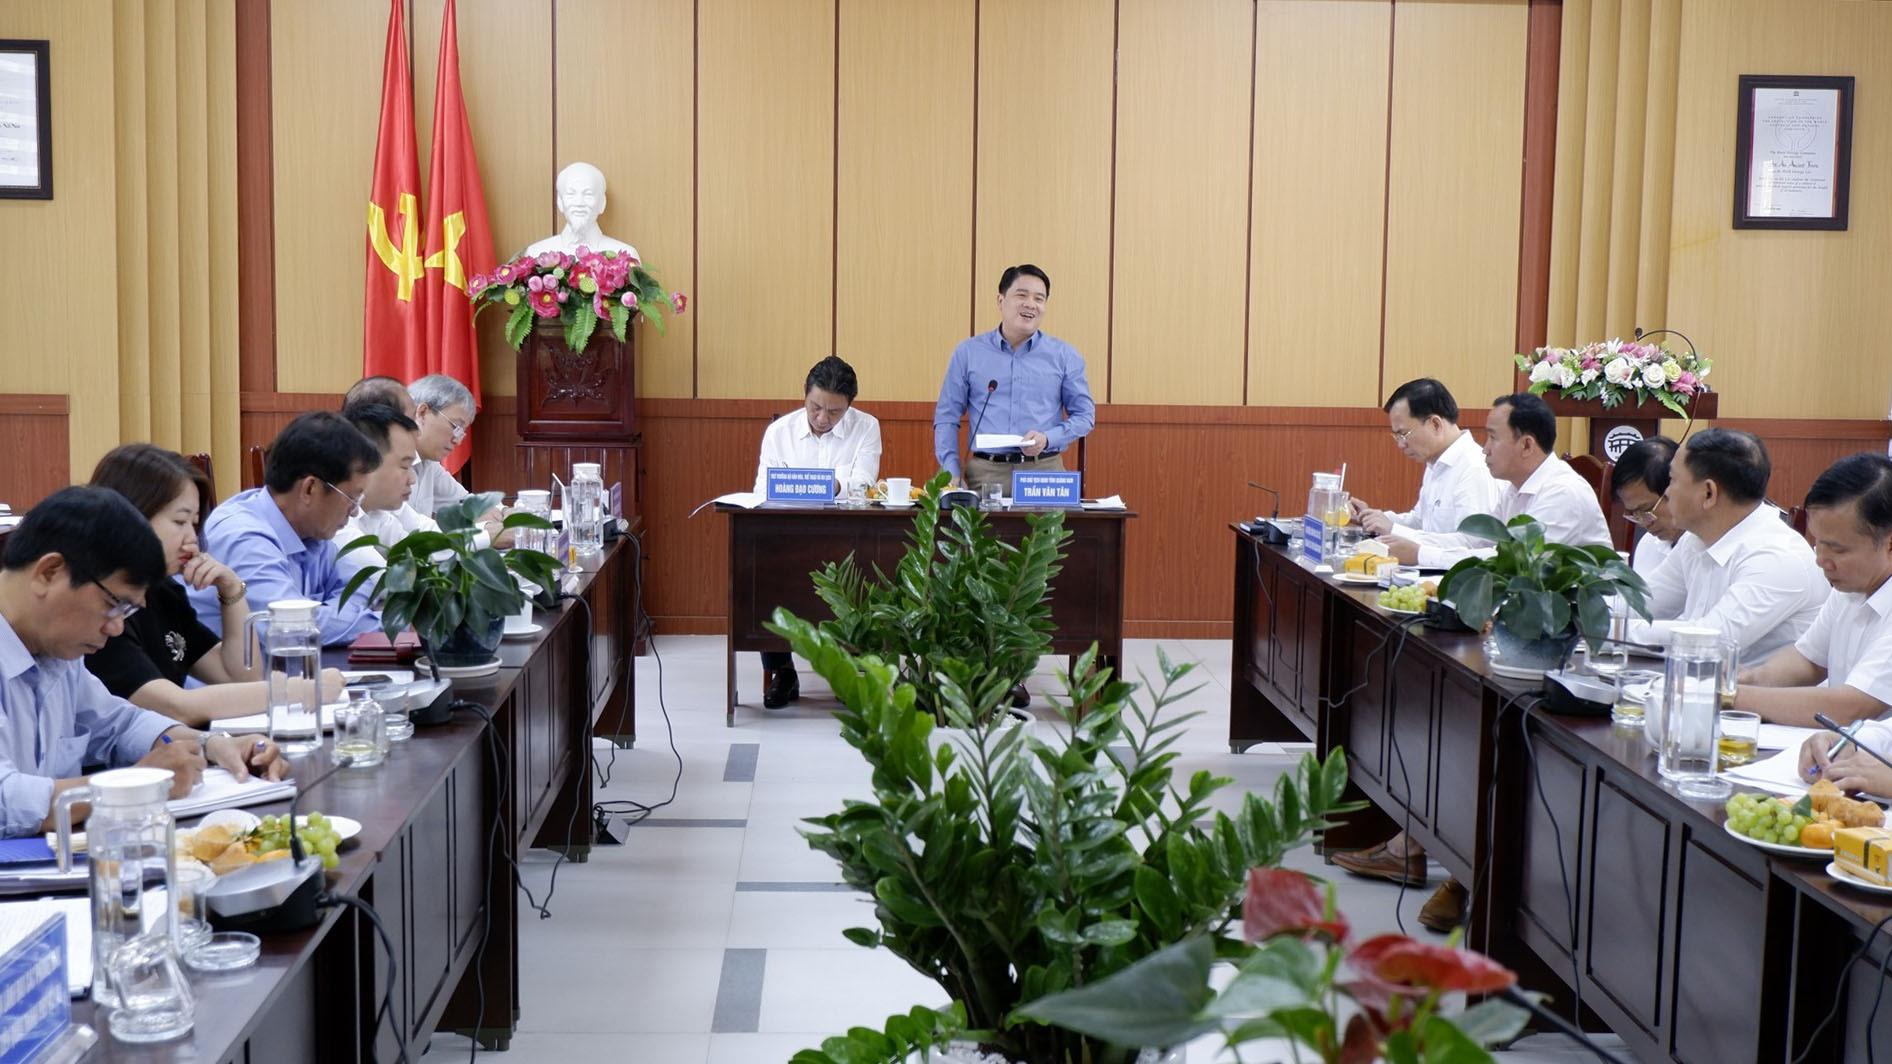 Thứ trưởng Bộ VHTT&DL Hoàng Đạo Cương làm việc cùng UBND tỉnh Quảng Nam và các sở ban ngành địa phương liên quan về công tác trùng tu di tích thời gian tới.